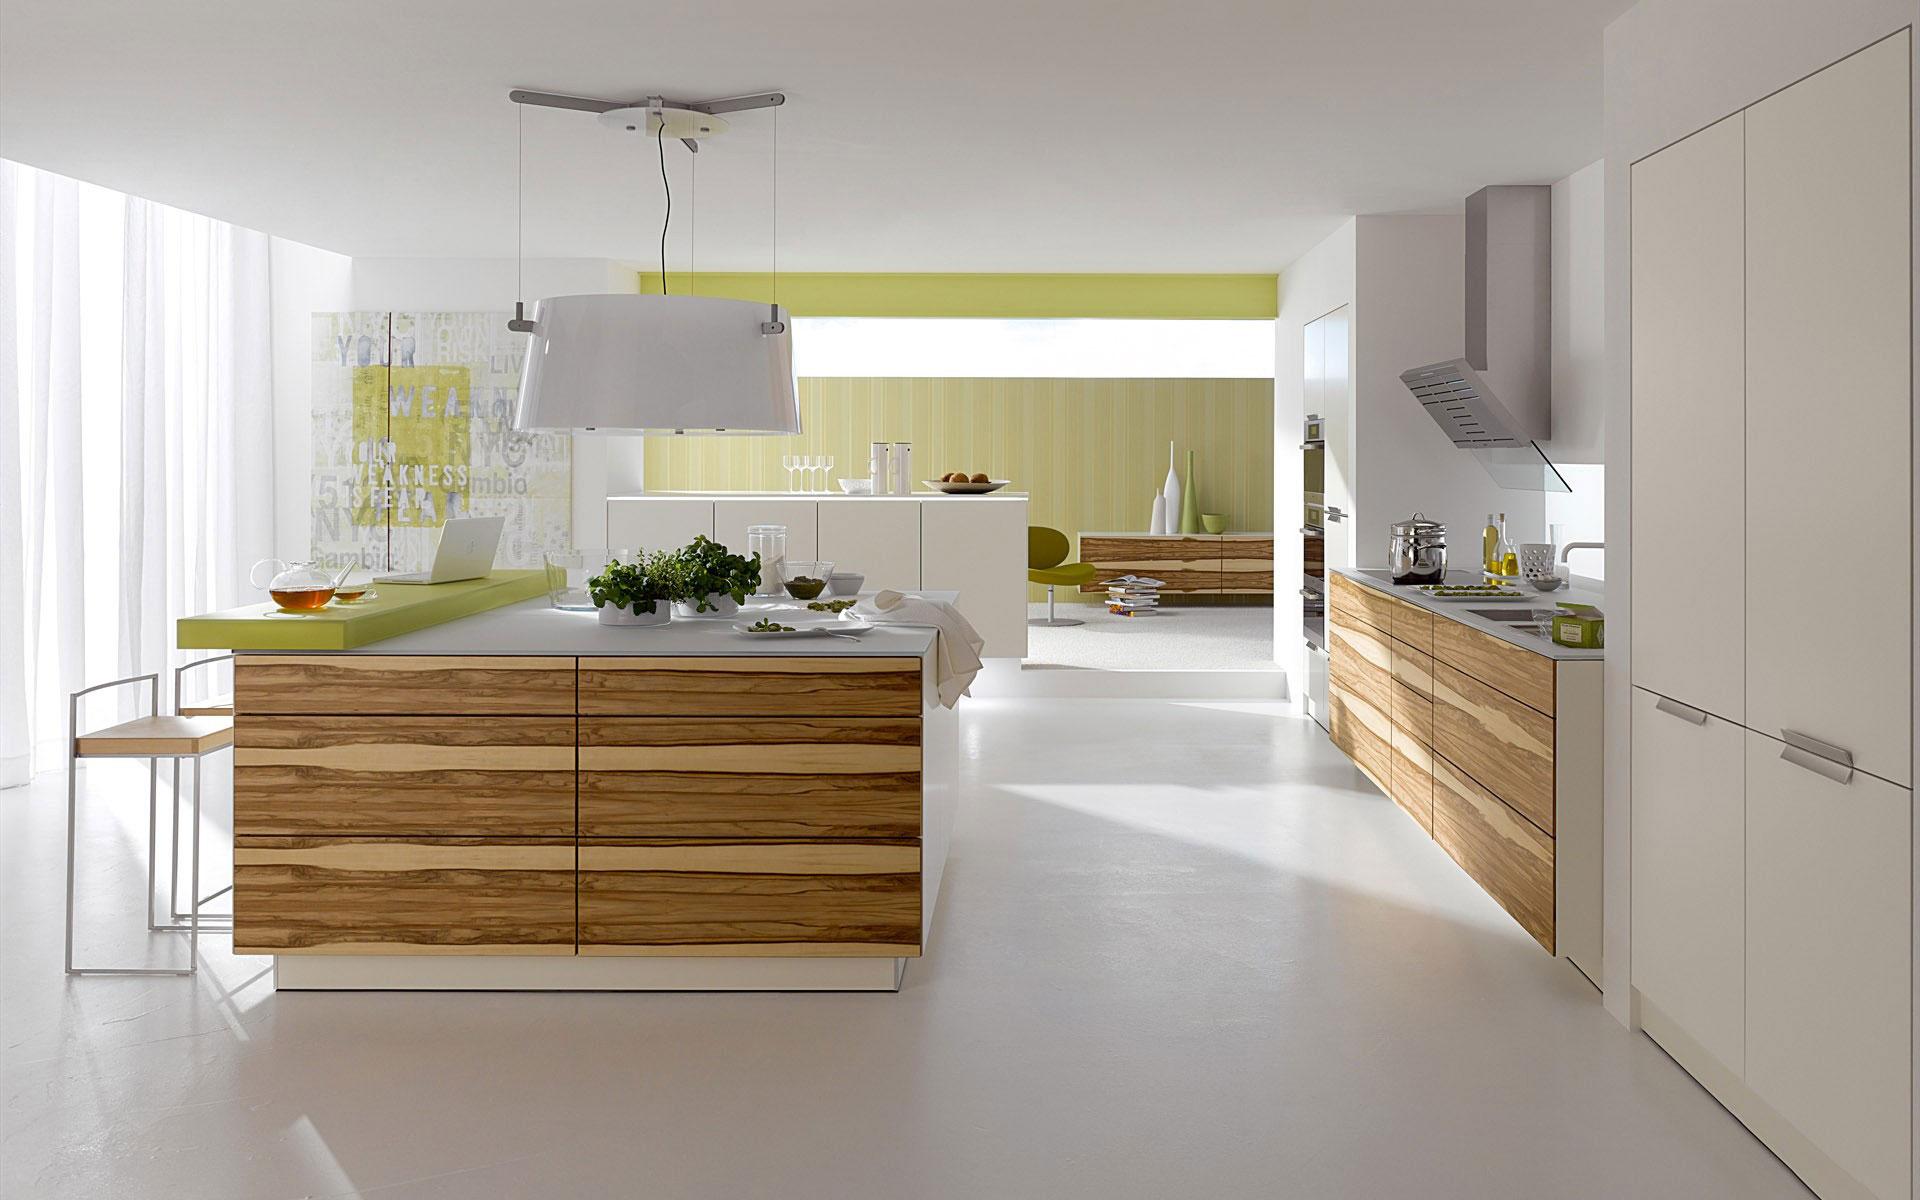 Какие имеются варианты по обустройству кухни?